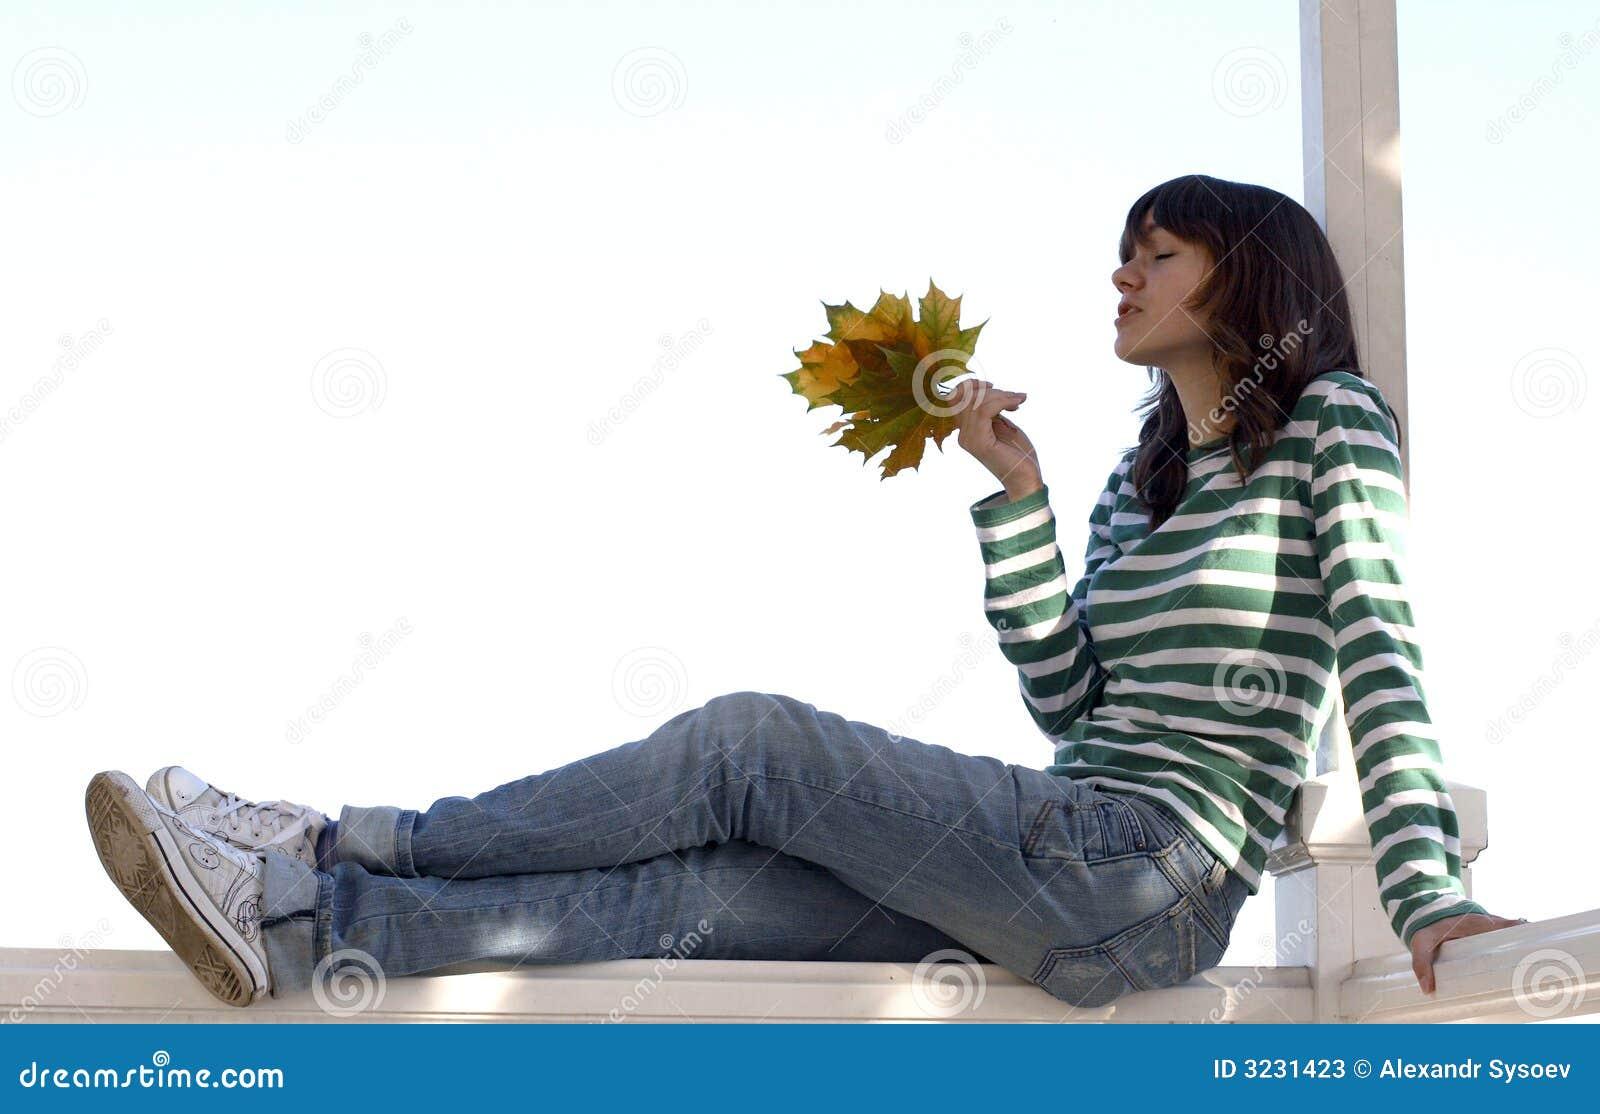 Mädchen hält Herbstblätter an